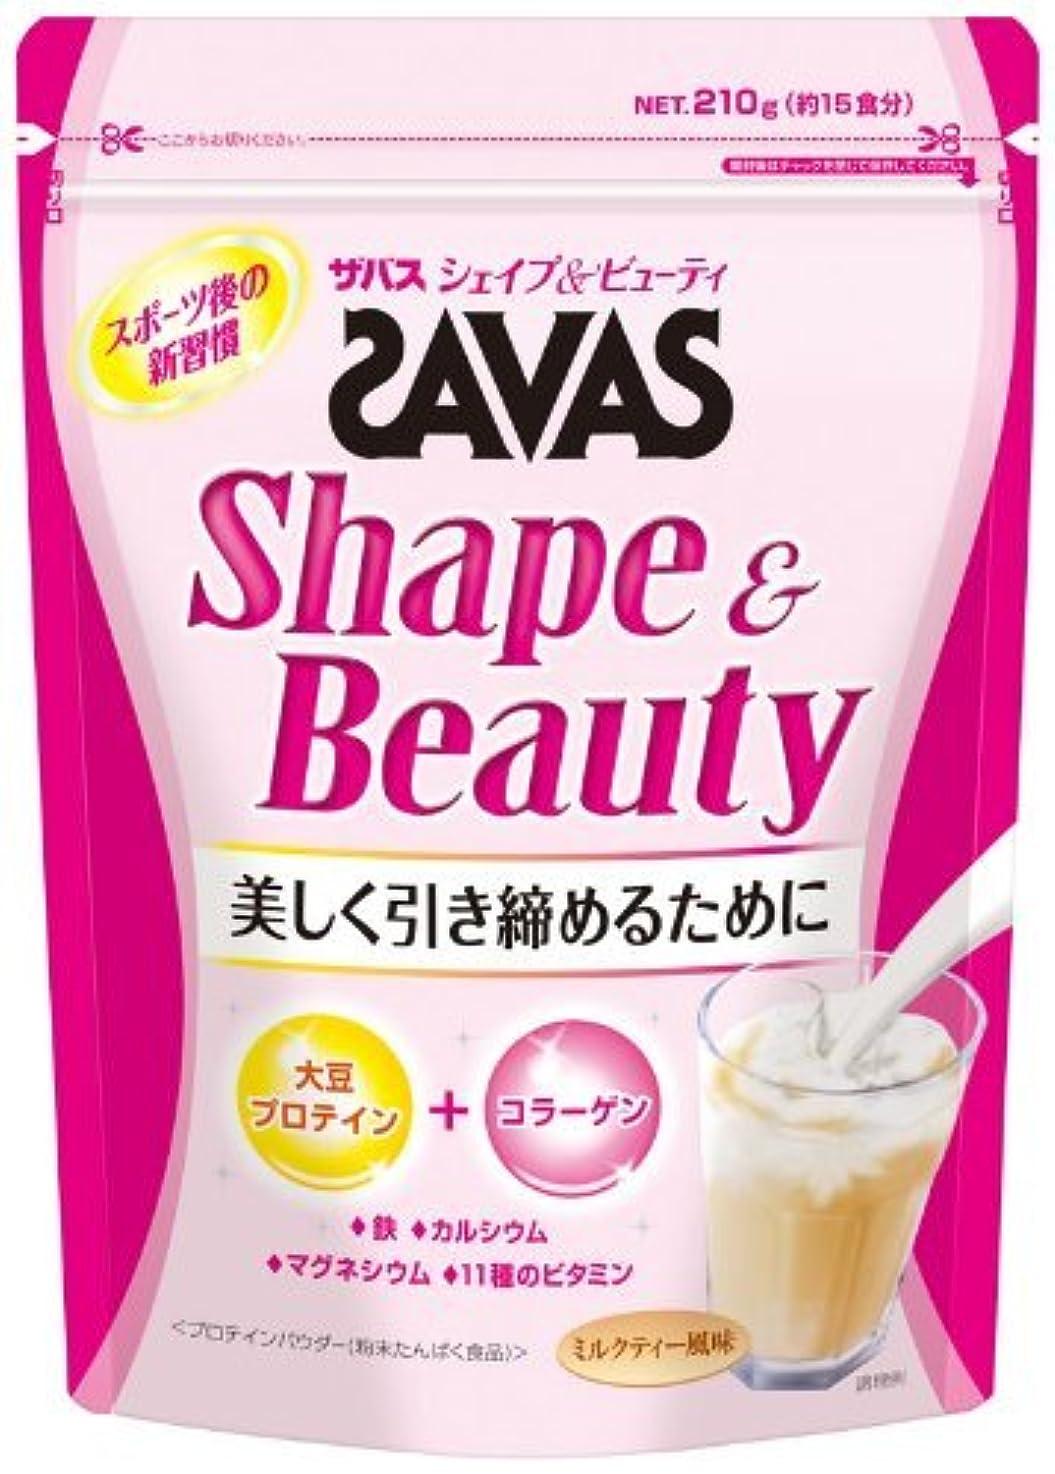 キャロラインマラウイ香ばしい明治 ザバス シェイプ&ビューティ ミルクティー風味【15食分】 210g